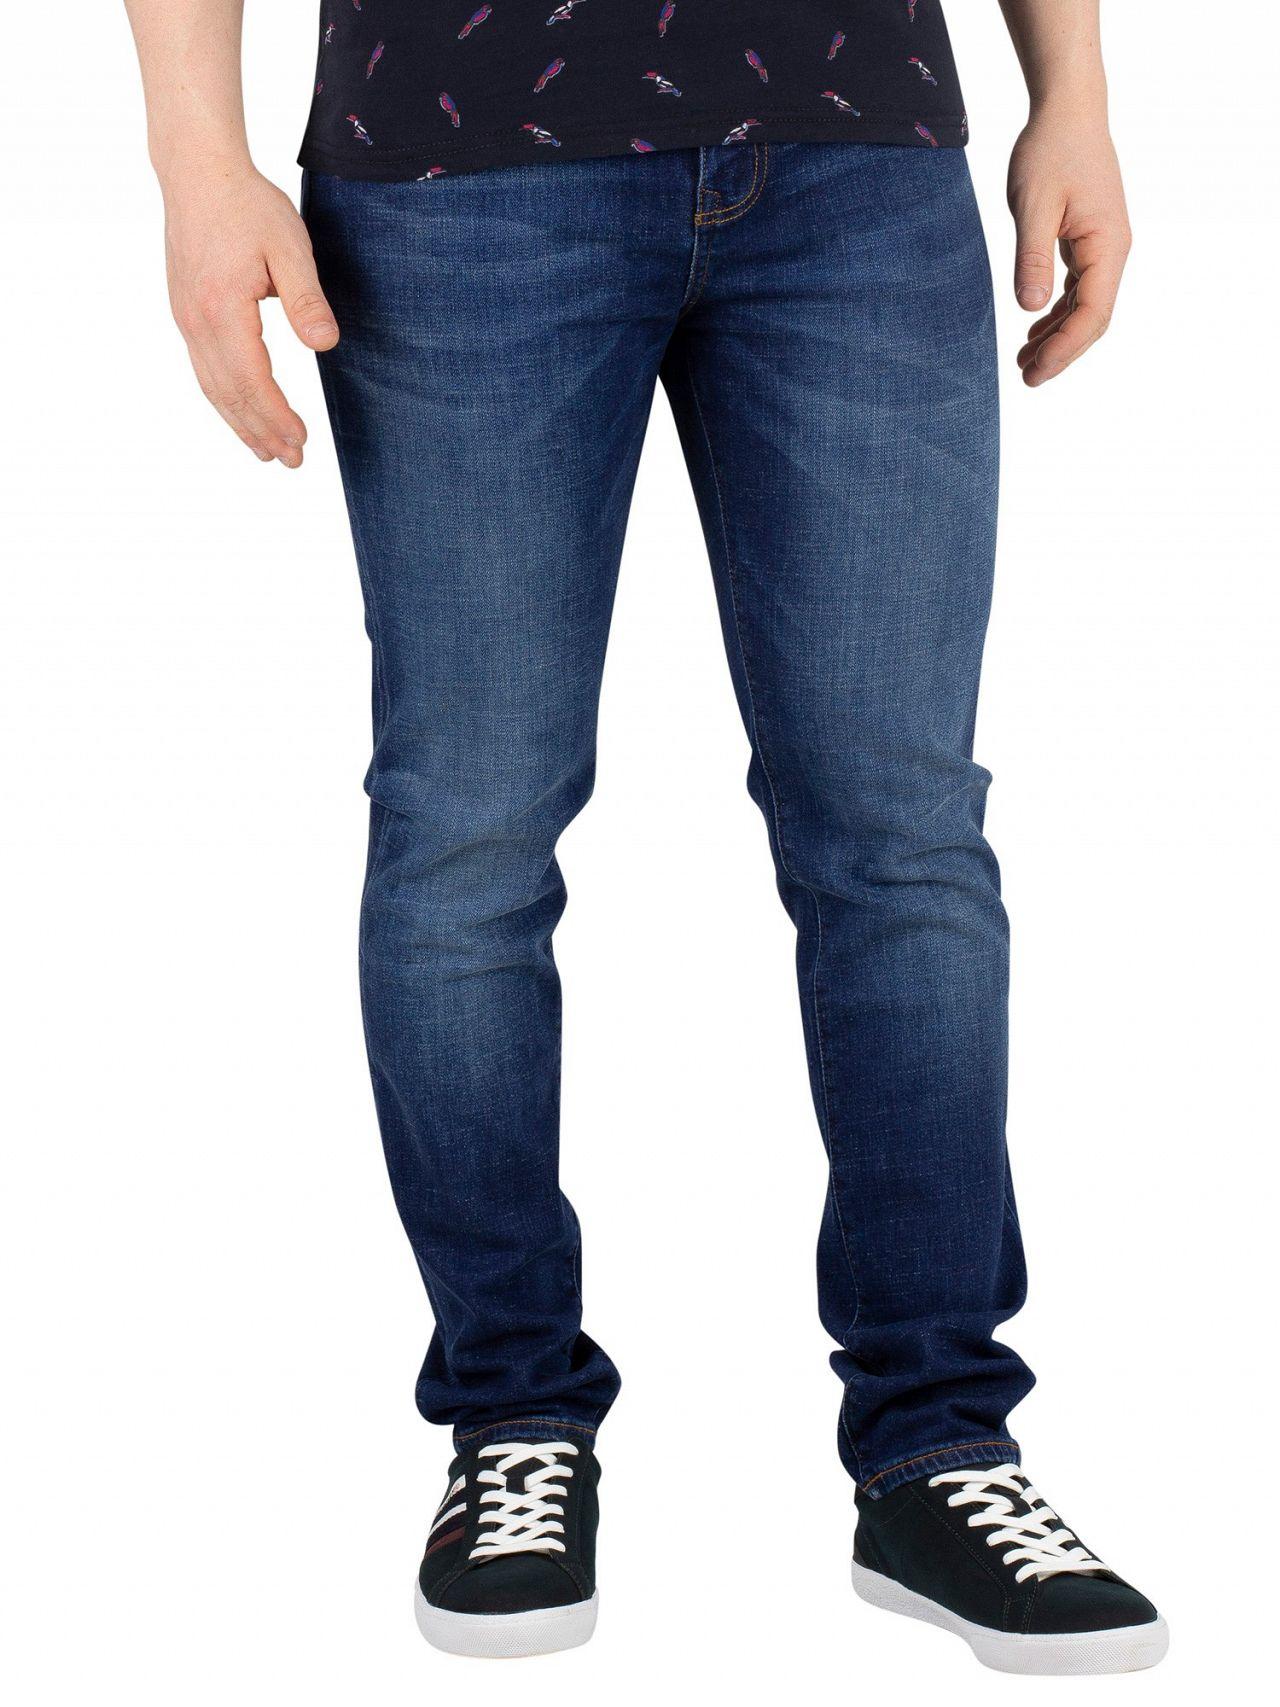 d2a859d4 Superdry Union Dark Blue Tyler Slim Jeans | Standout